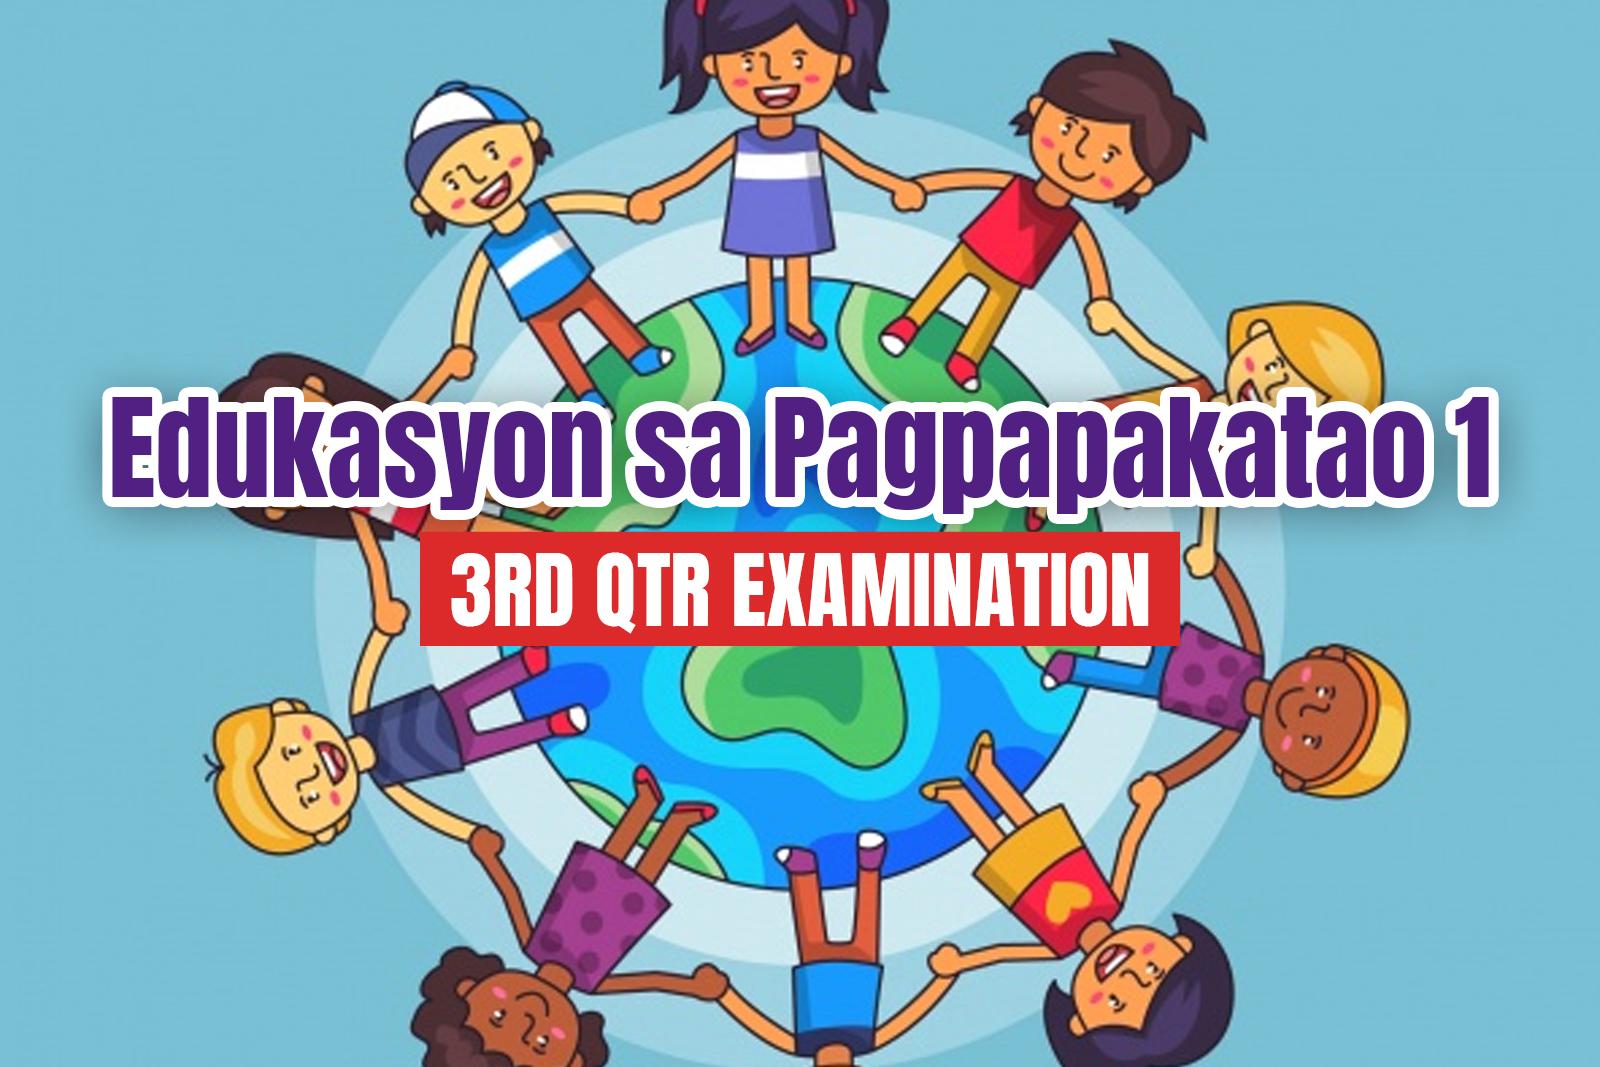 Edukasyon sa Pagpapakatao 1 3rd Qtr Examination - mdmrara